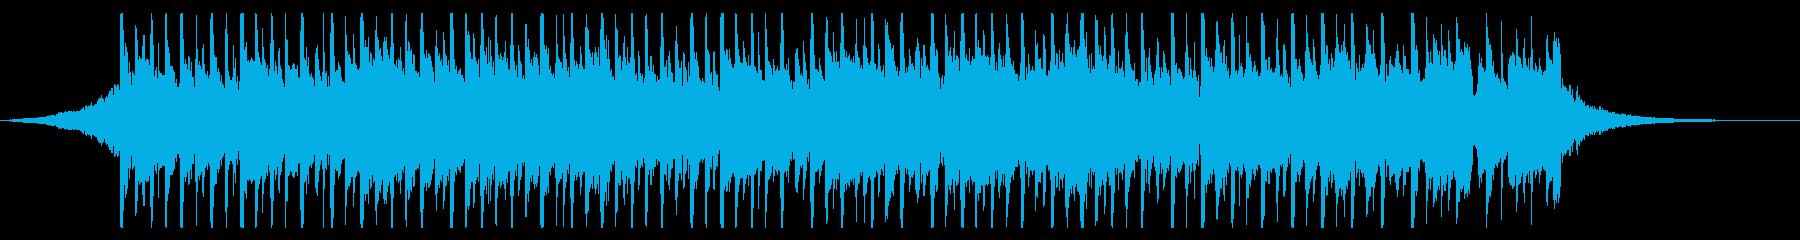 モチベーション戦略(30秒)の再生済みの波形